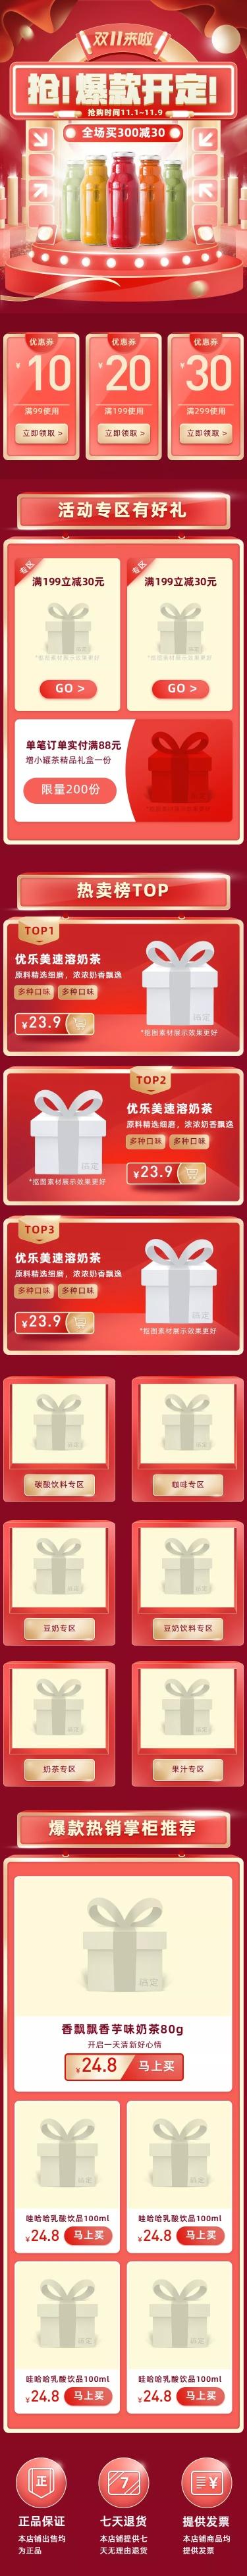 双十一狂欢/活动促销/饮品/奢华精致/店铺首页